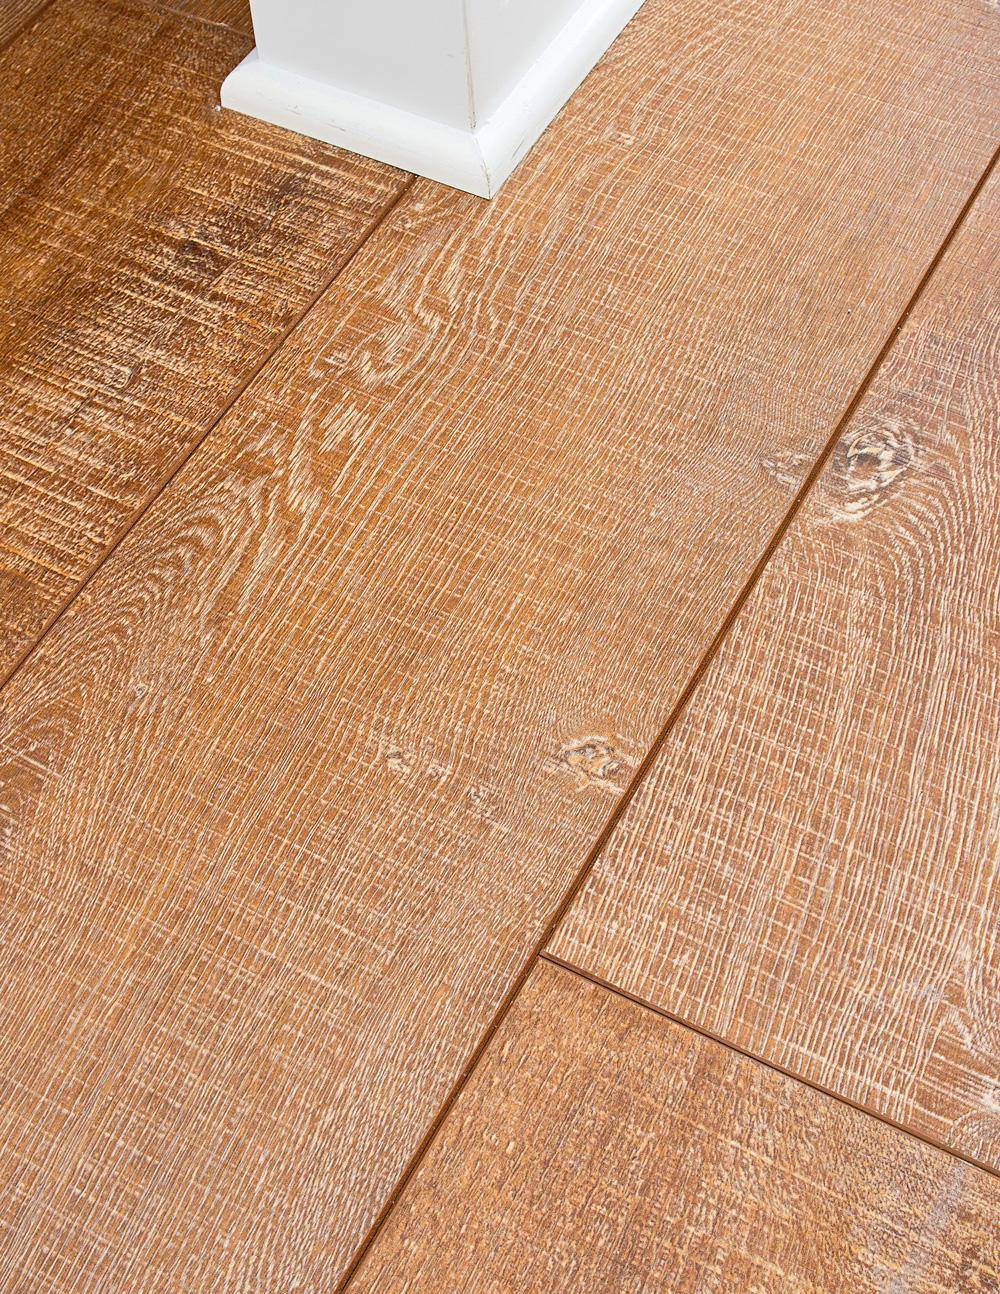 Wood-look floors